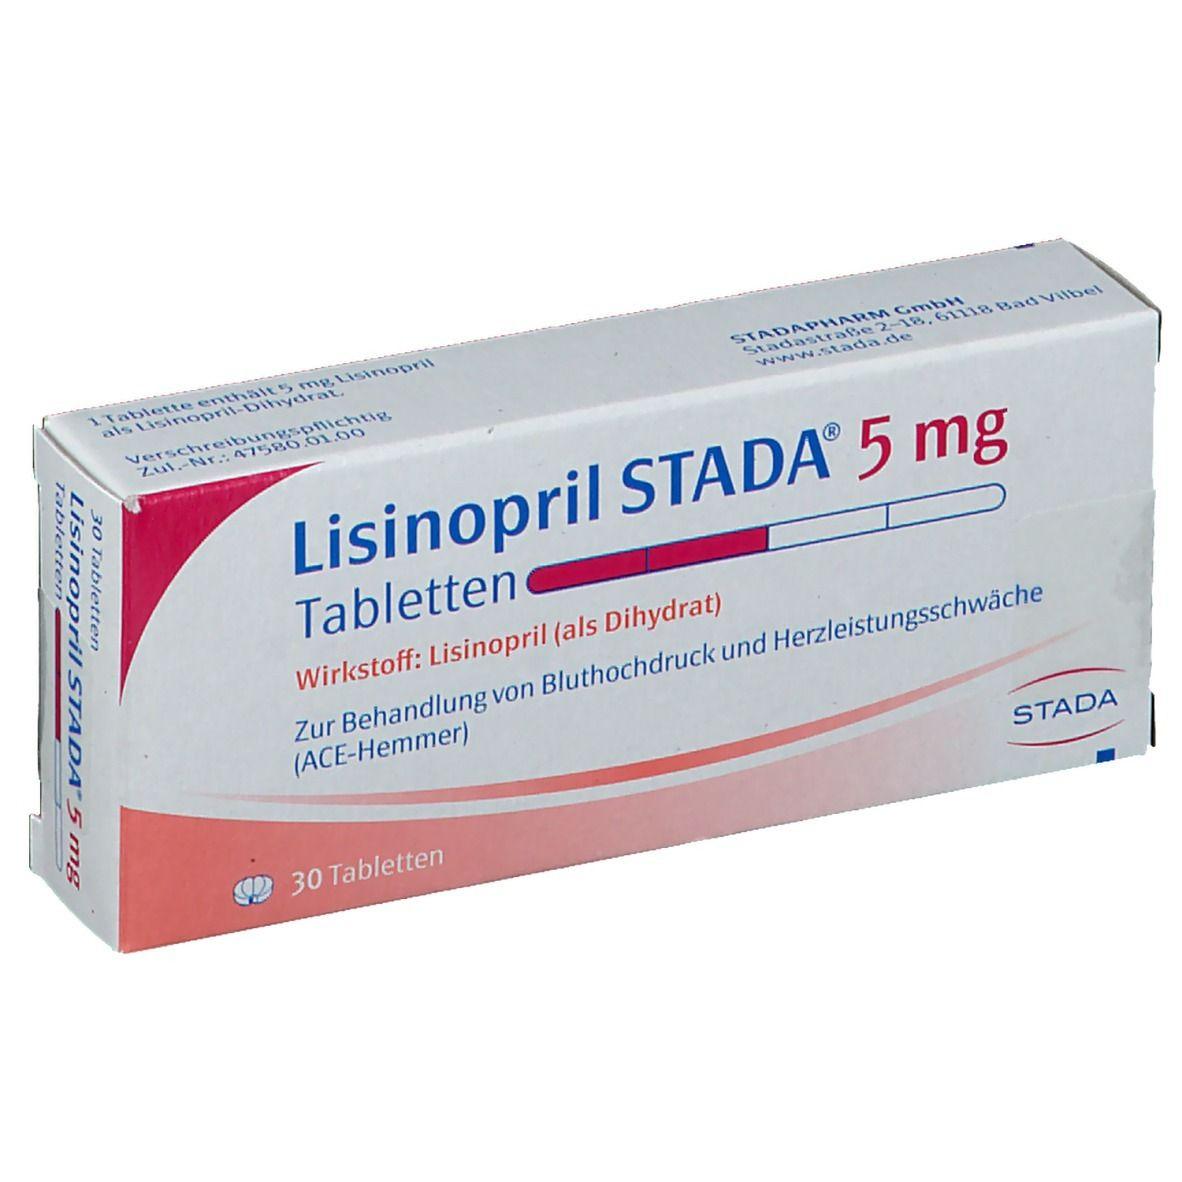 Lisinopril Stada® 5 mg Tabletten